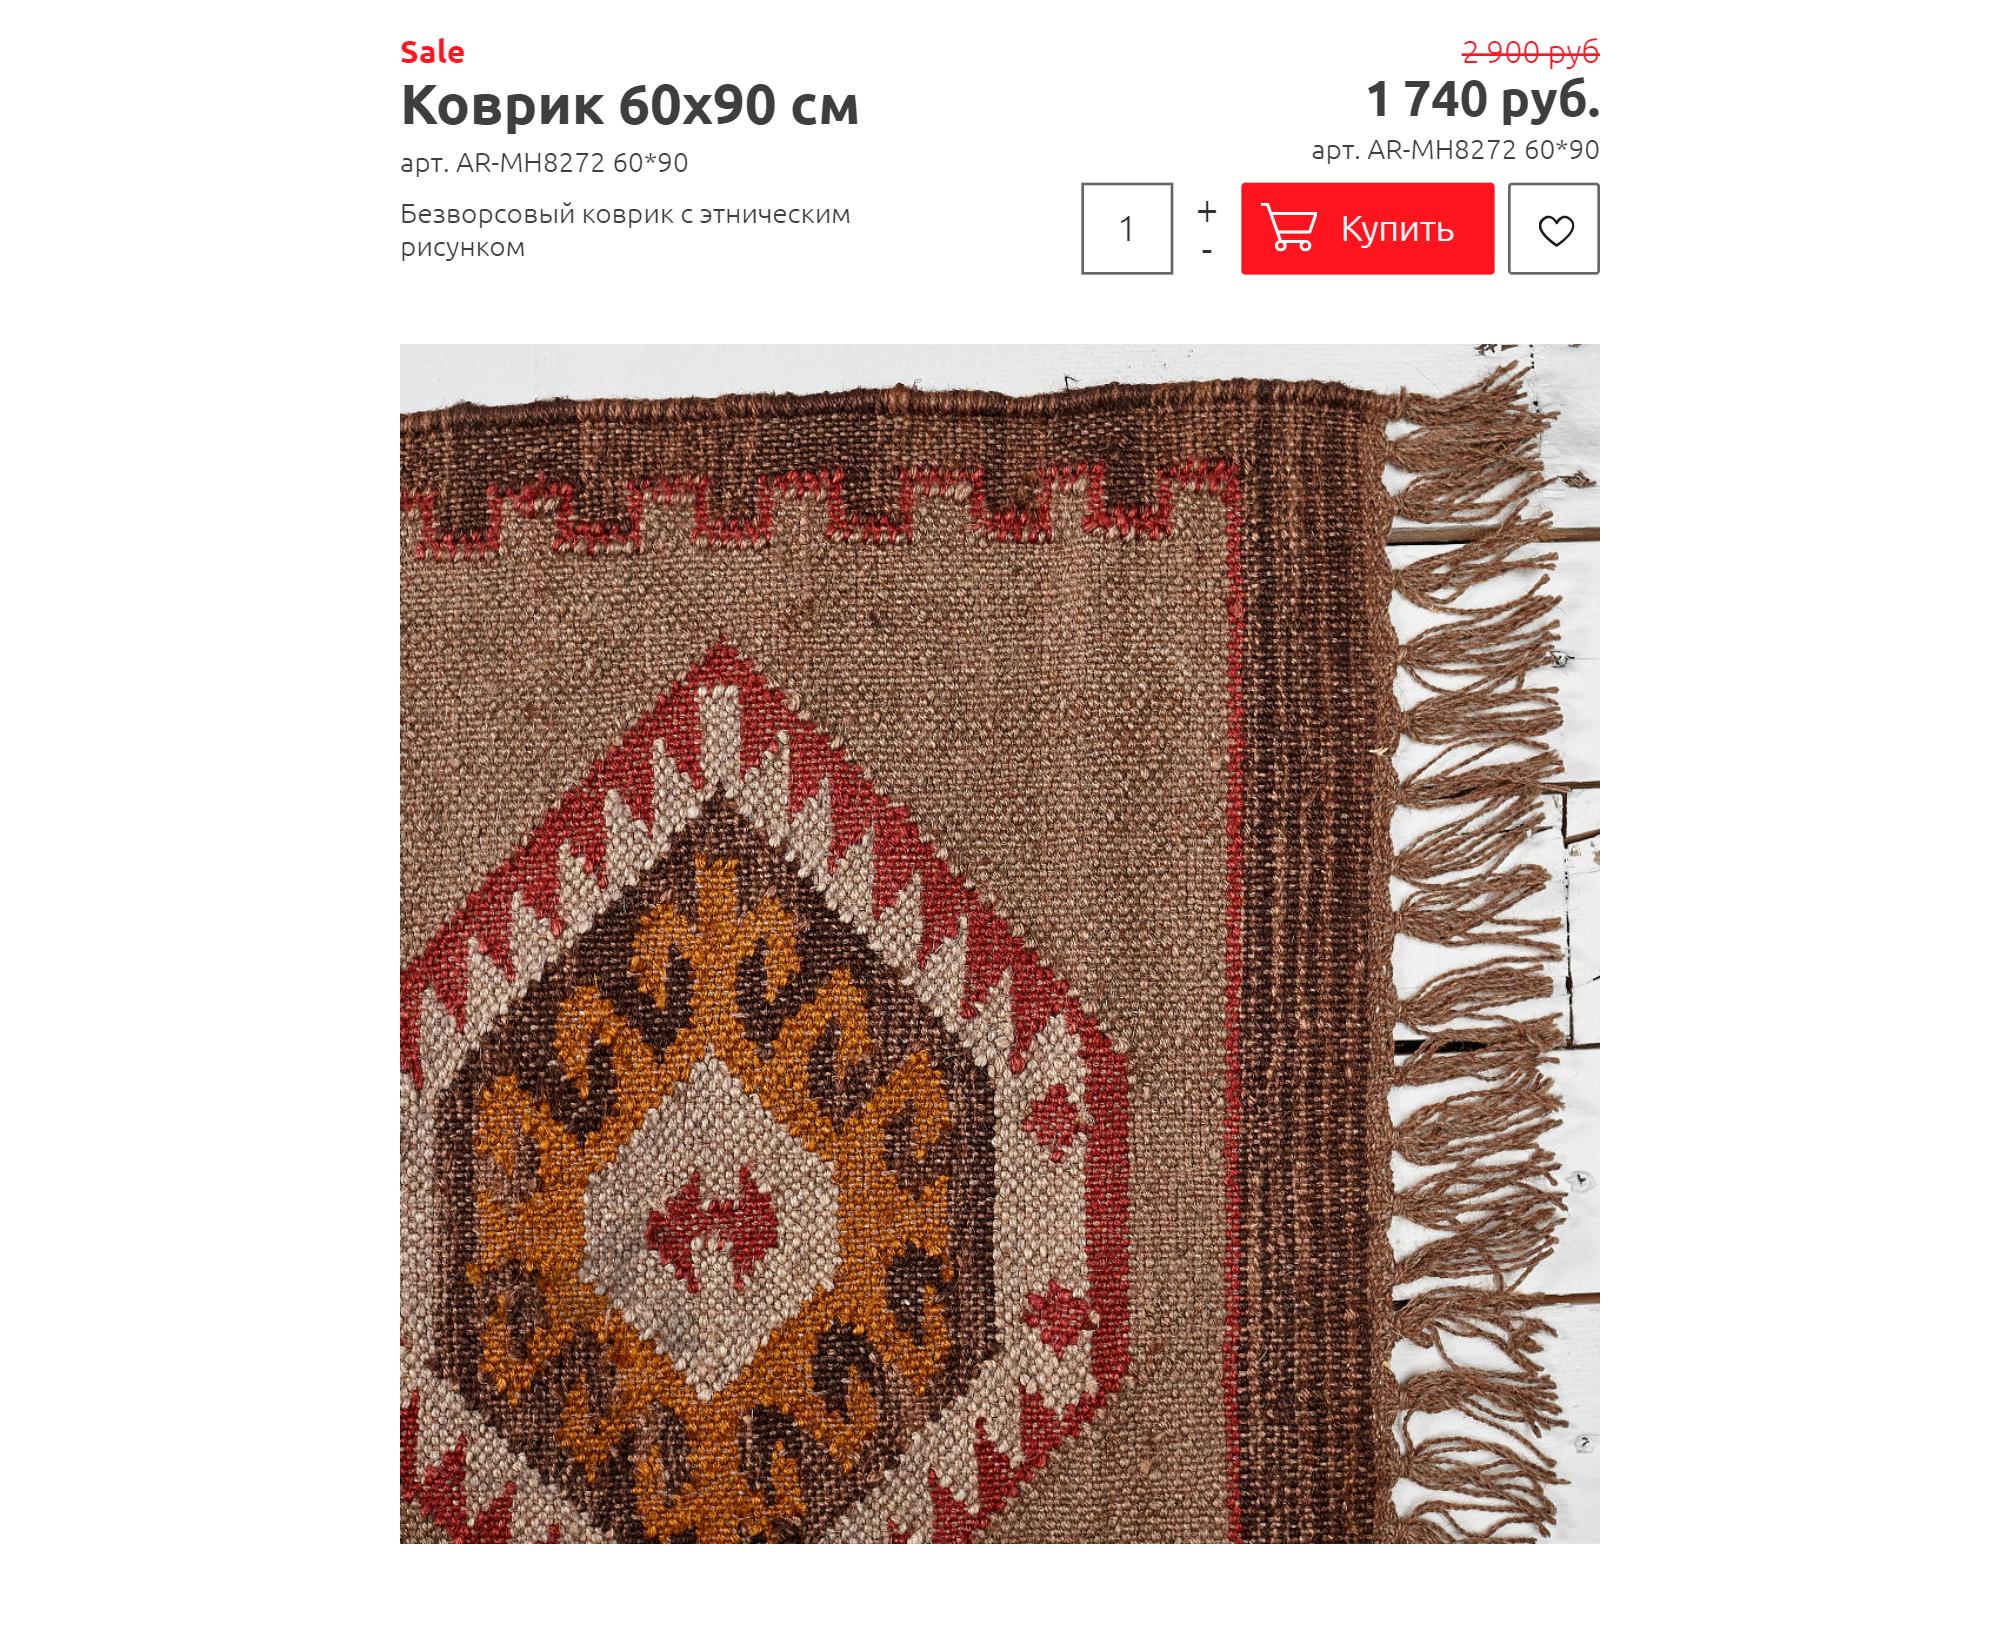 Коврик 60 × 90 см продают за 1740<span class=ruble>Р</span>&nbsp;в интернет-магазине «Артефакто». Продавец утверждает, что ковер ручной работы, но с такой ценой я в этом очень сомневаюсь